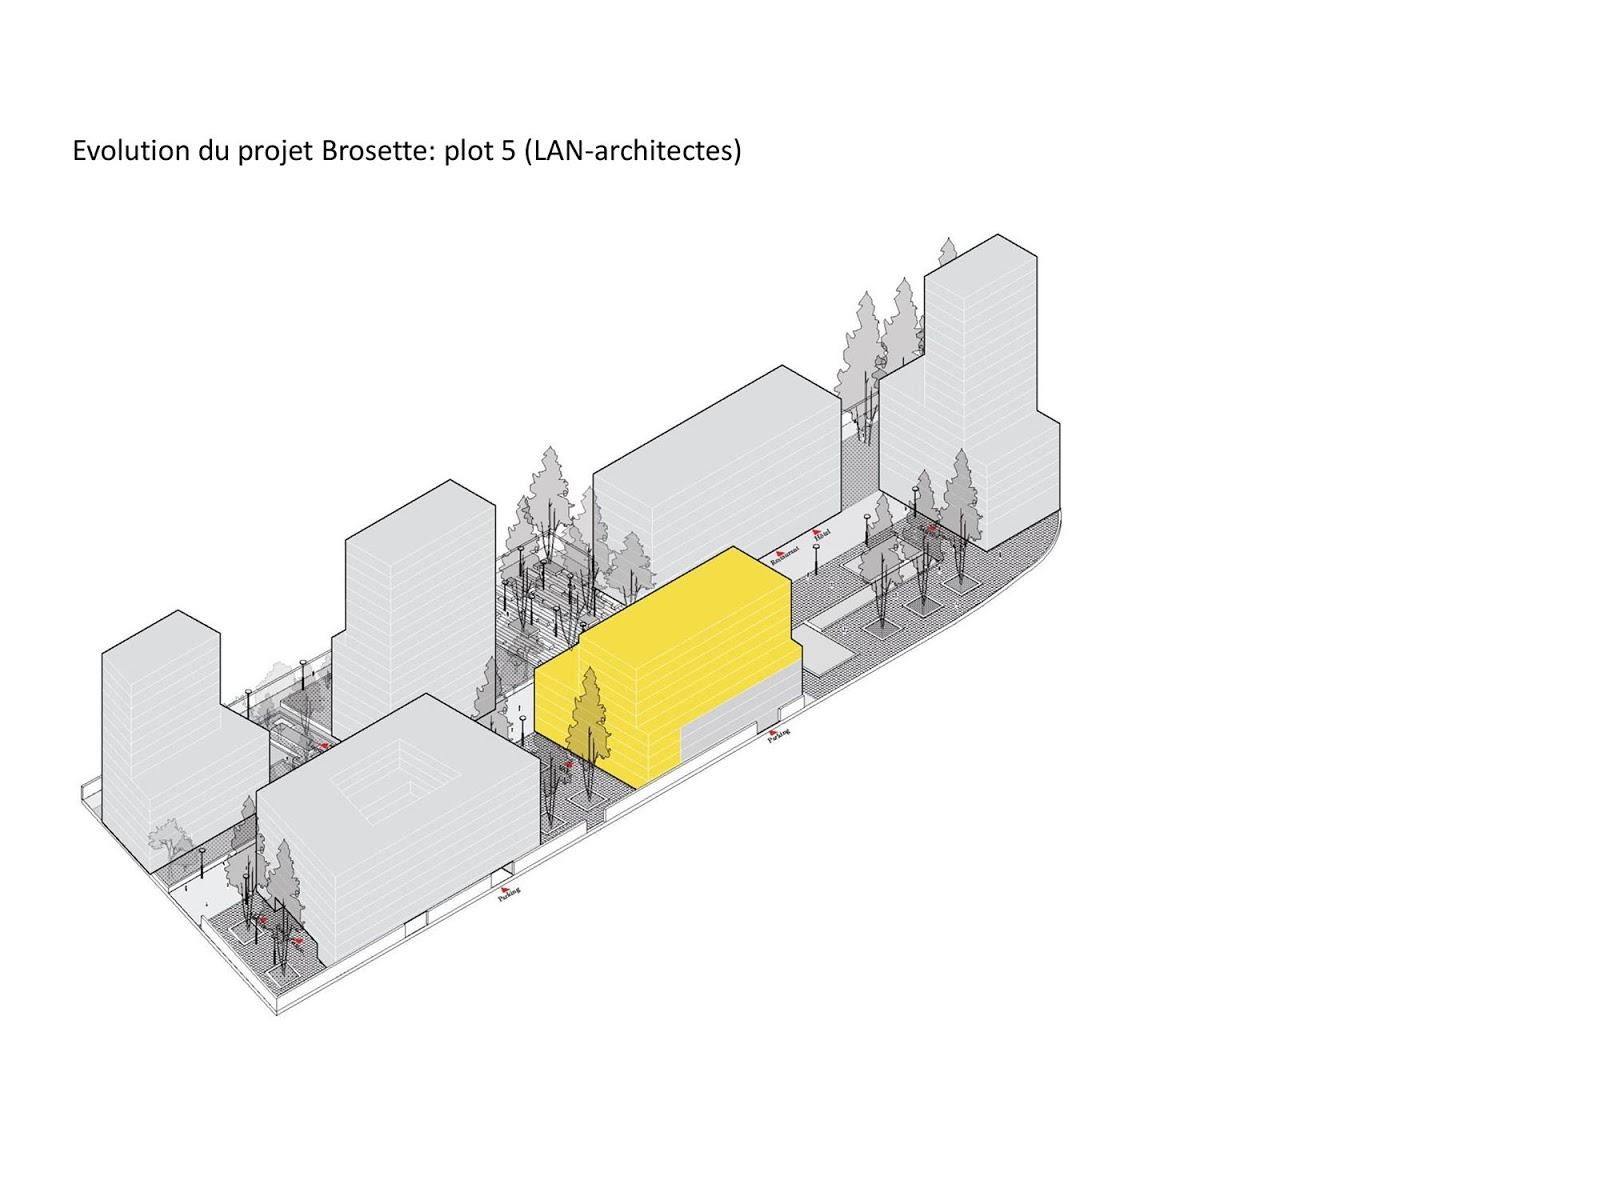 LAN . Urban regeneration . Nantes (26)